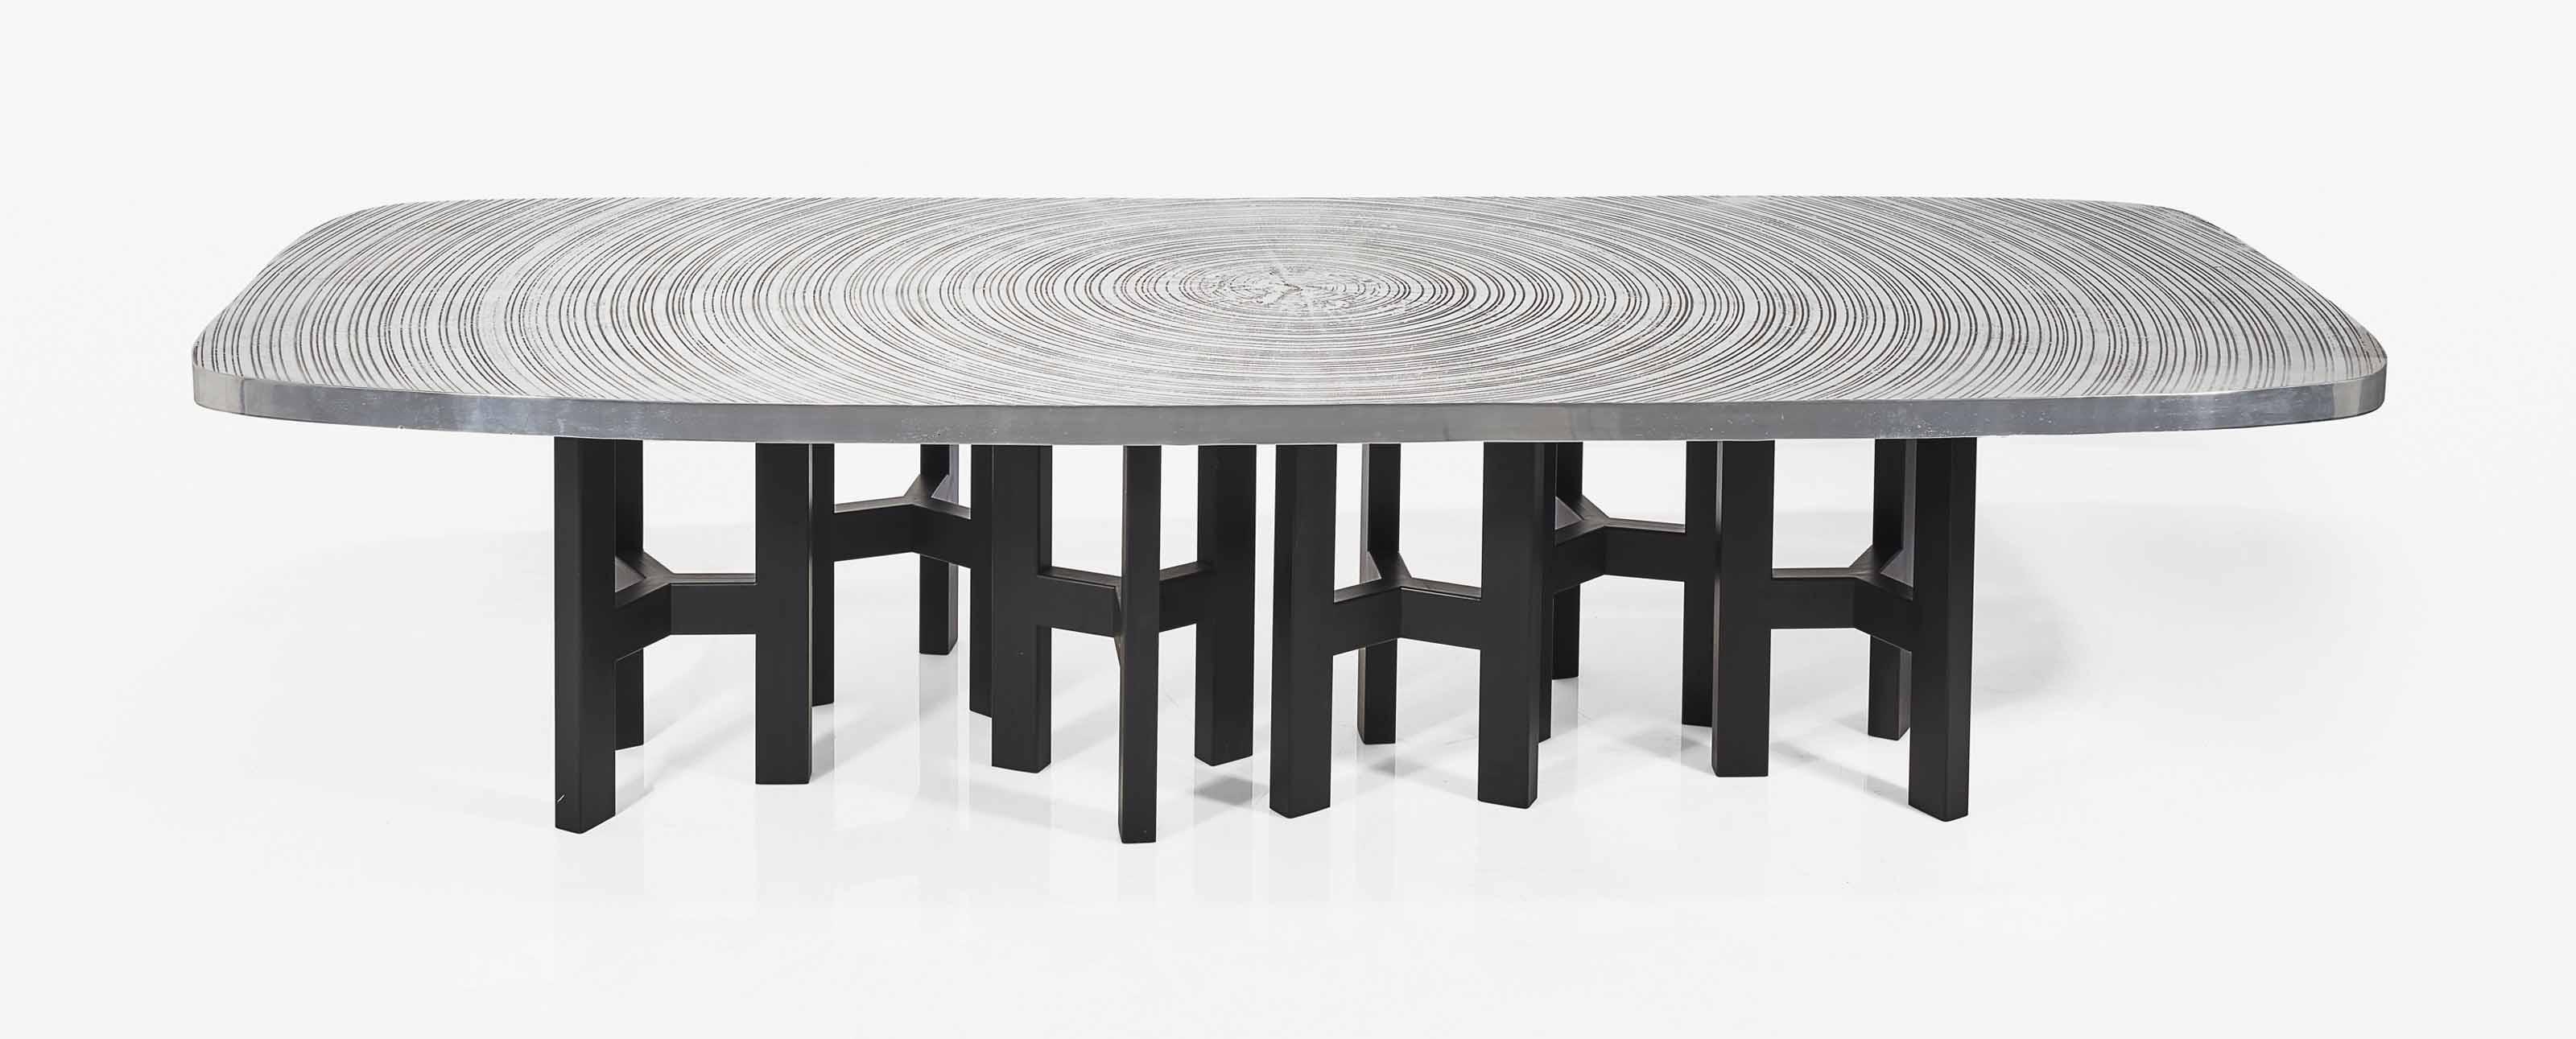 ado chale n en 1928 table de salle manger mod le 39 goutte d 39 eau 39 1995 christie 39 s. Black Bedroom Furniture Sets. Home Design Ideas